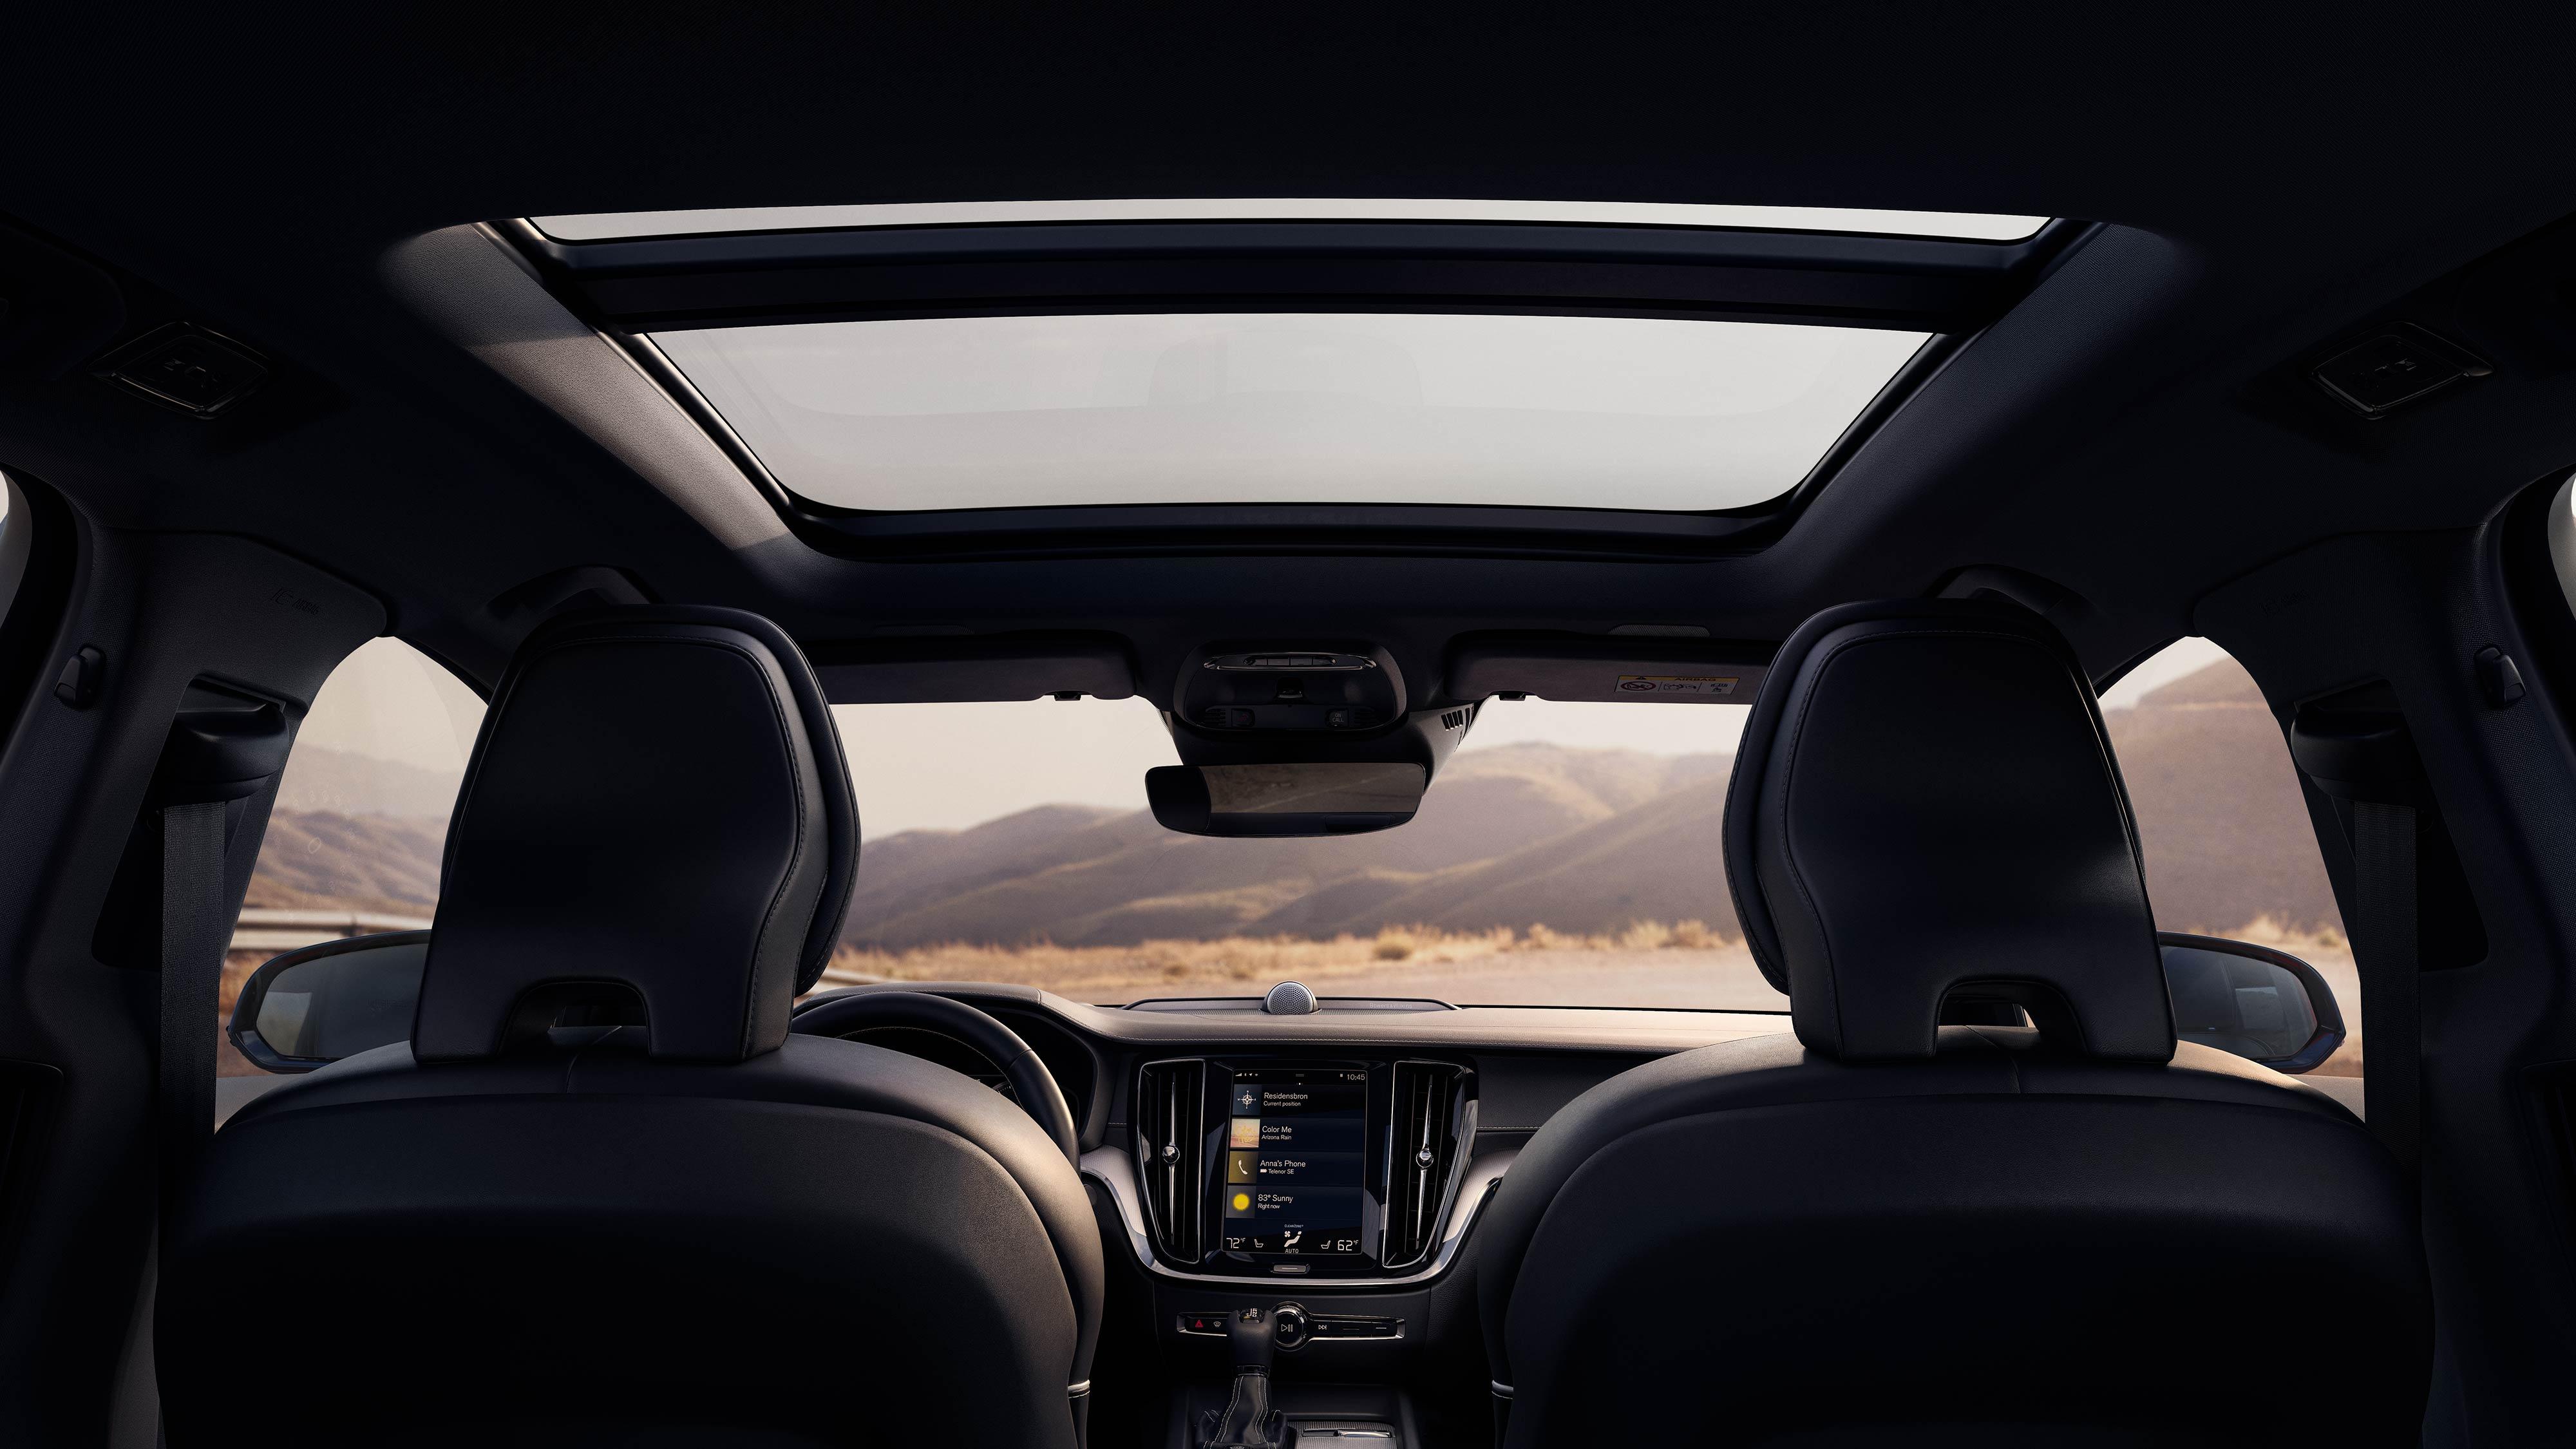 2020 Volvo V60 Award Winning Interior